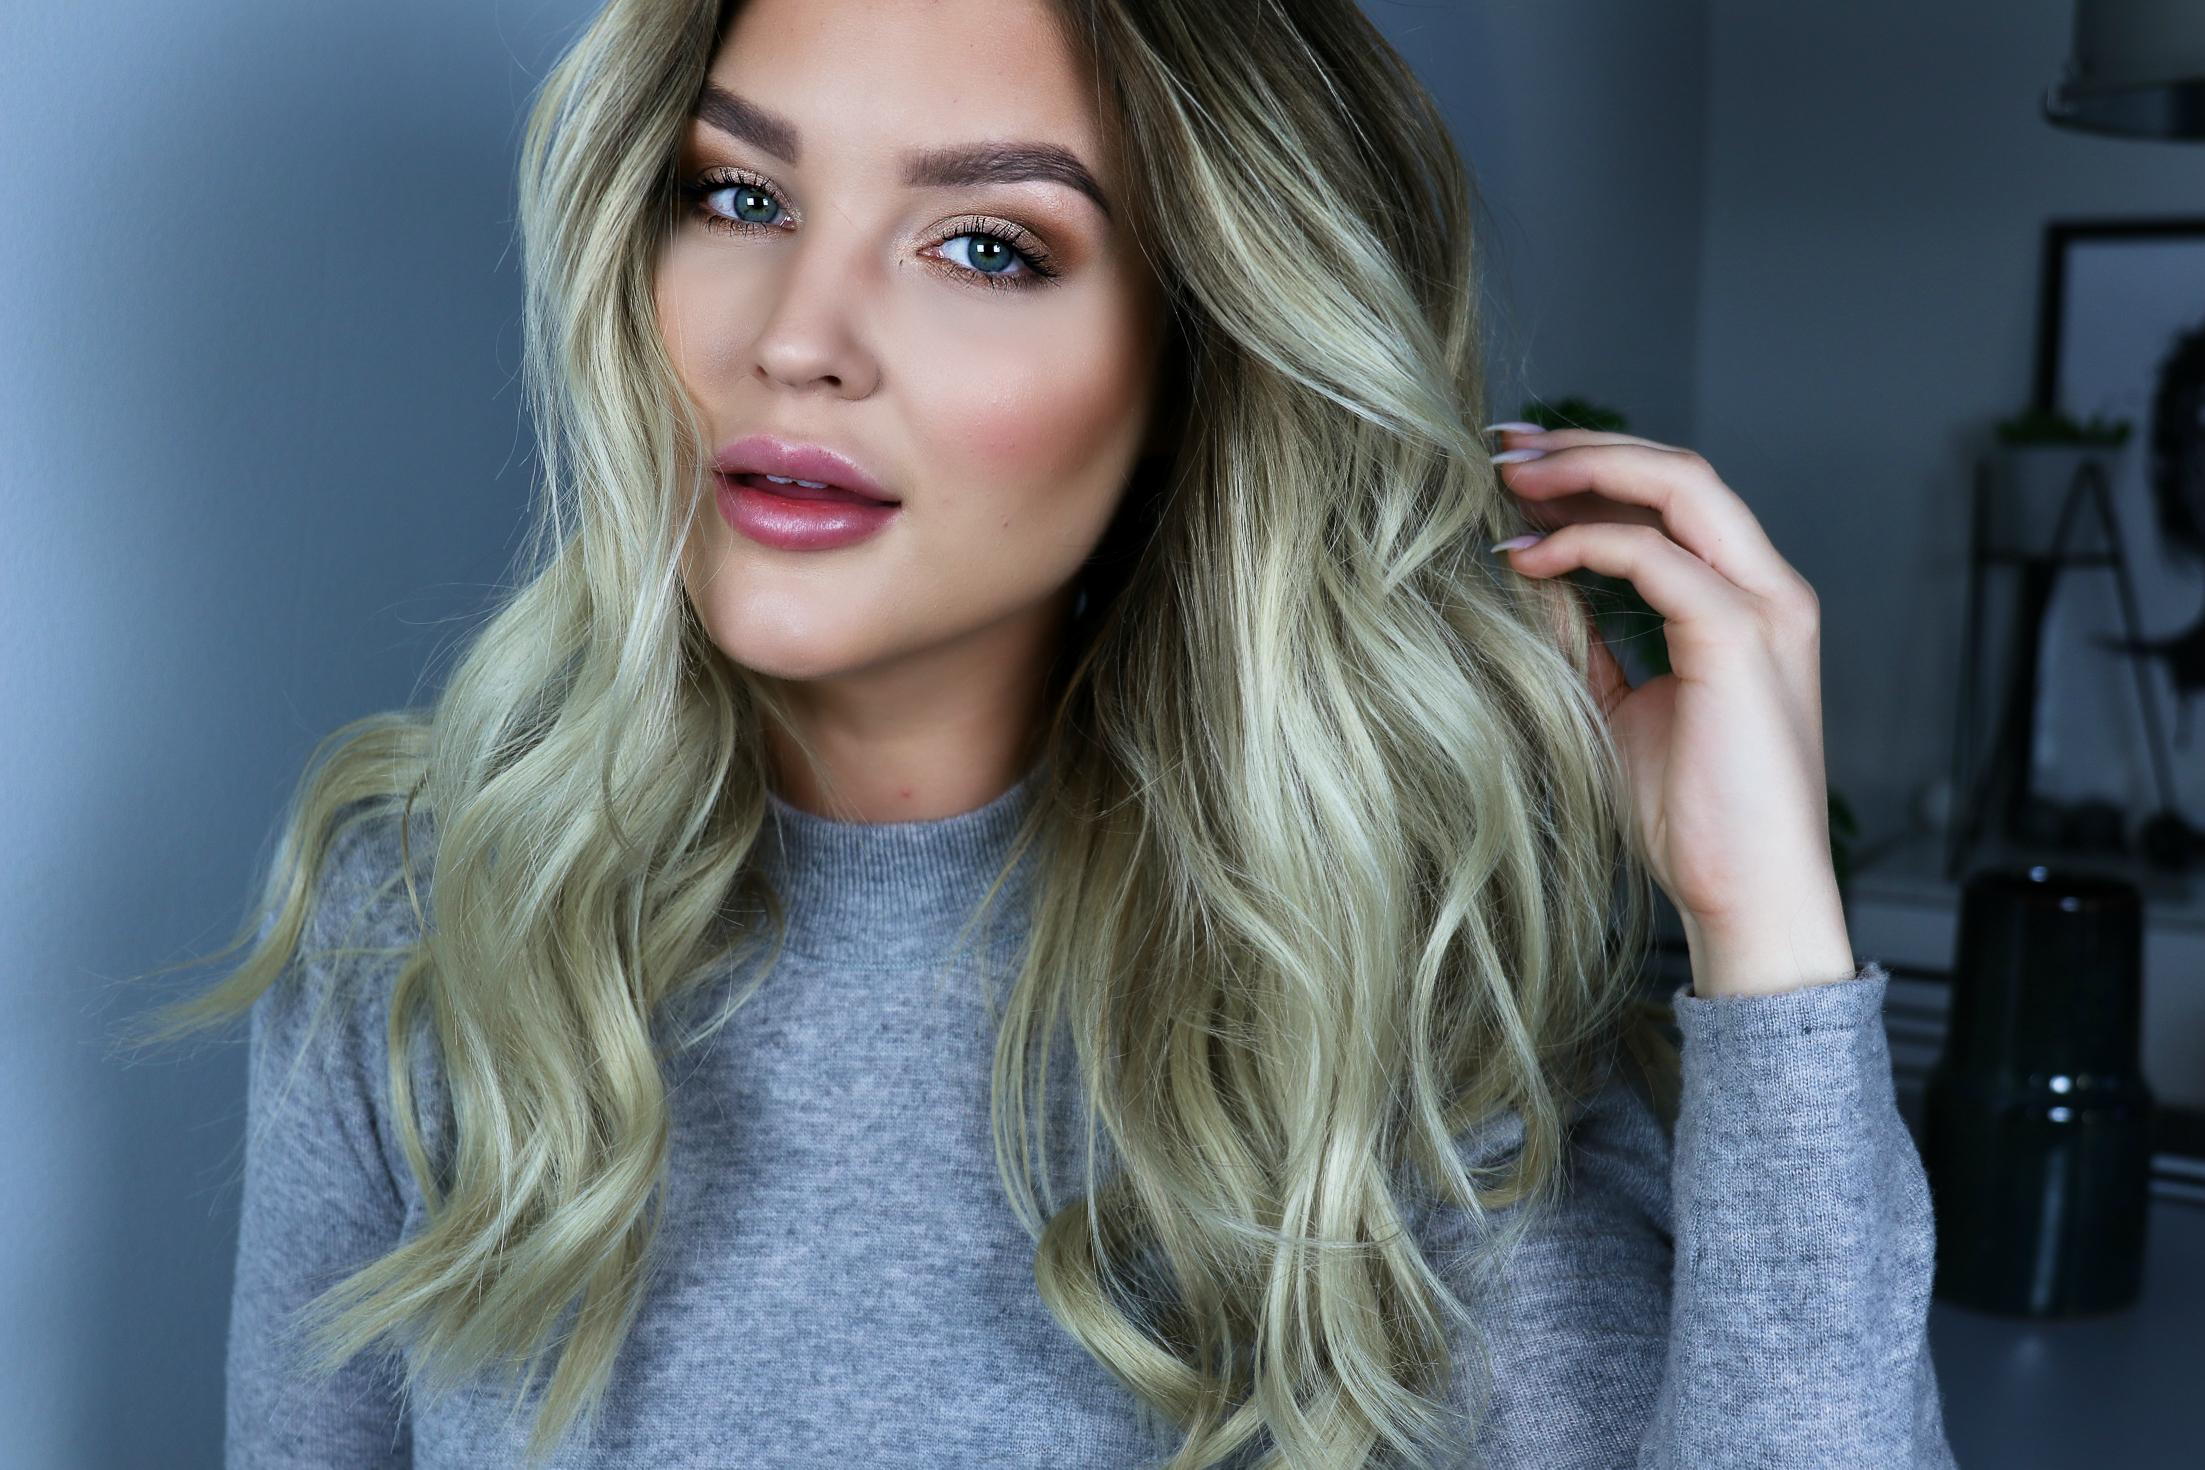 hur får man mer volym i håret